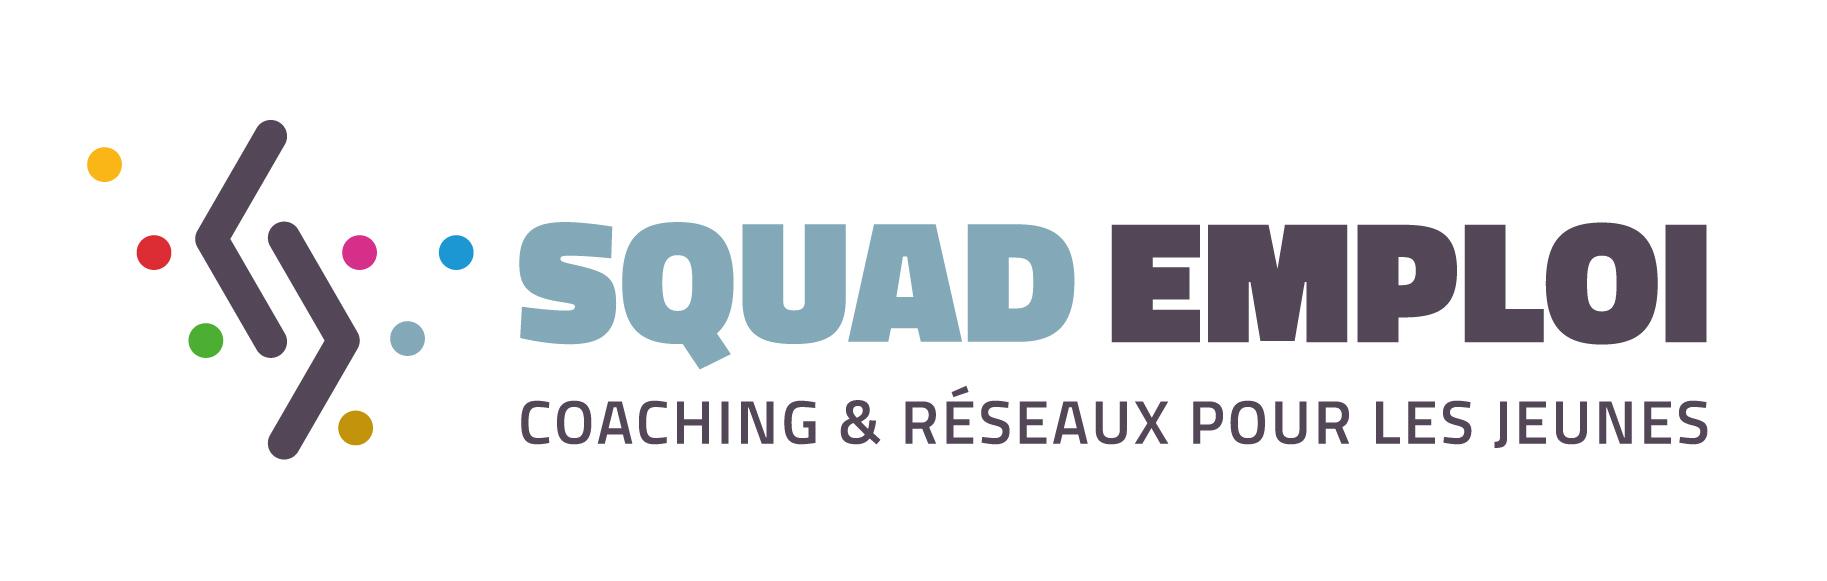 Logo Squad Emploi Horziontal